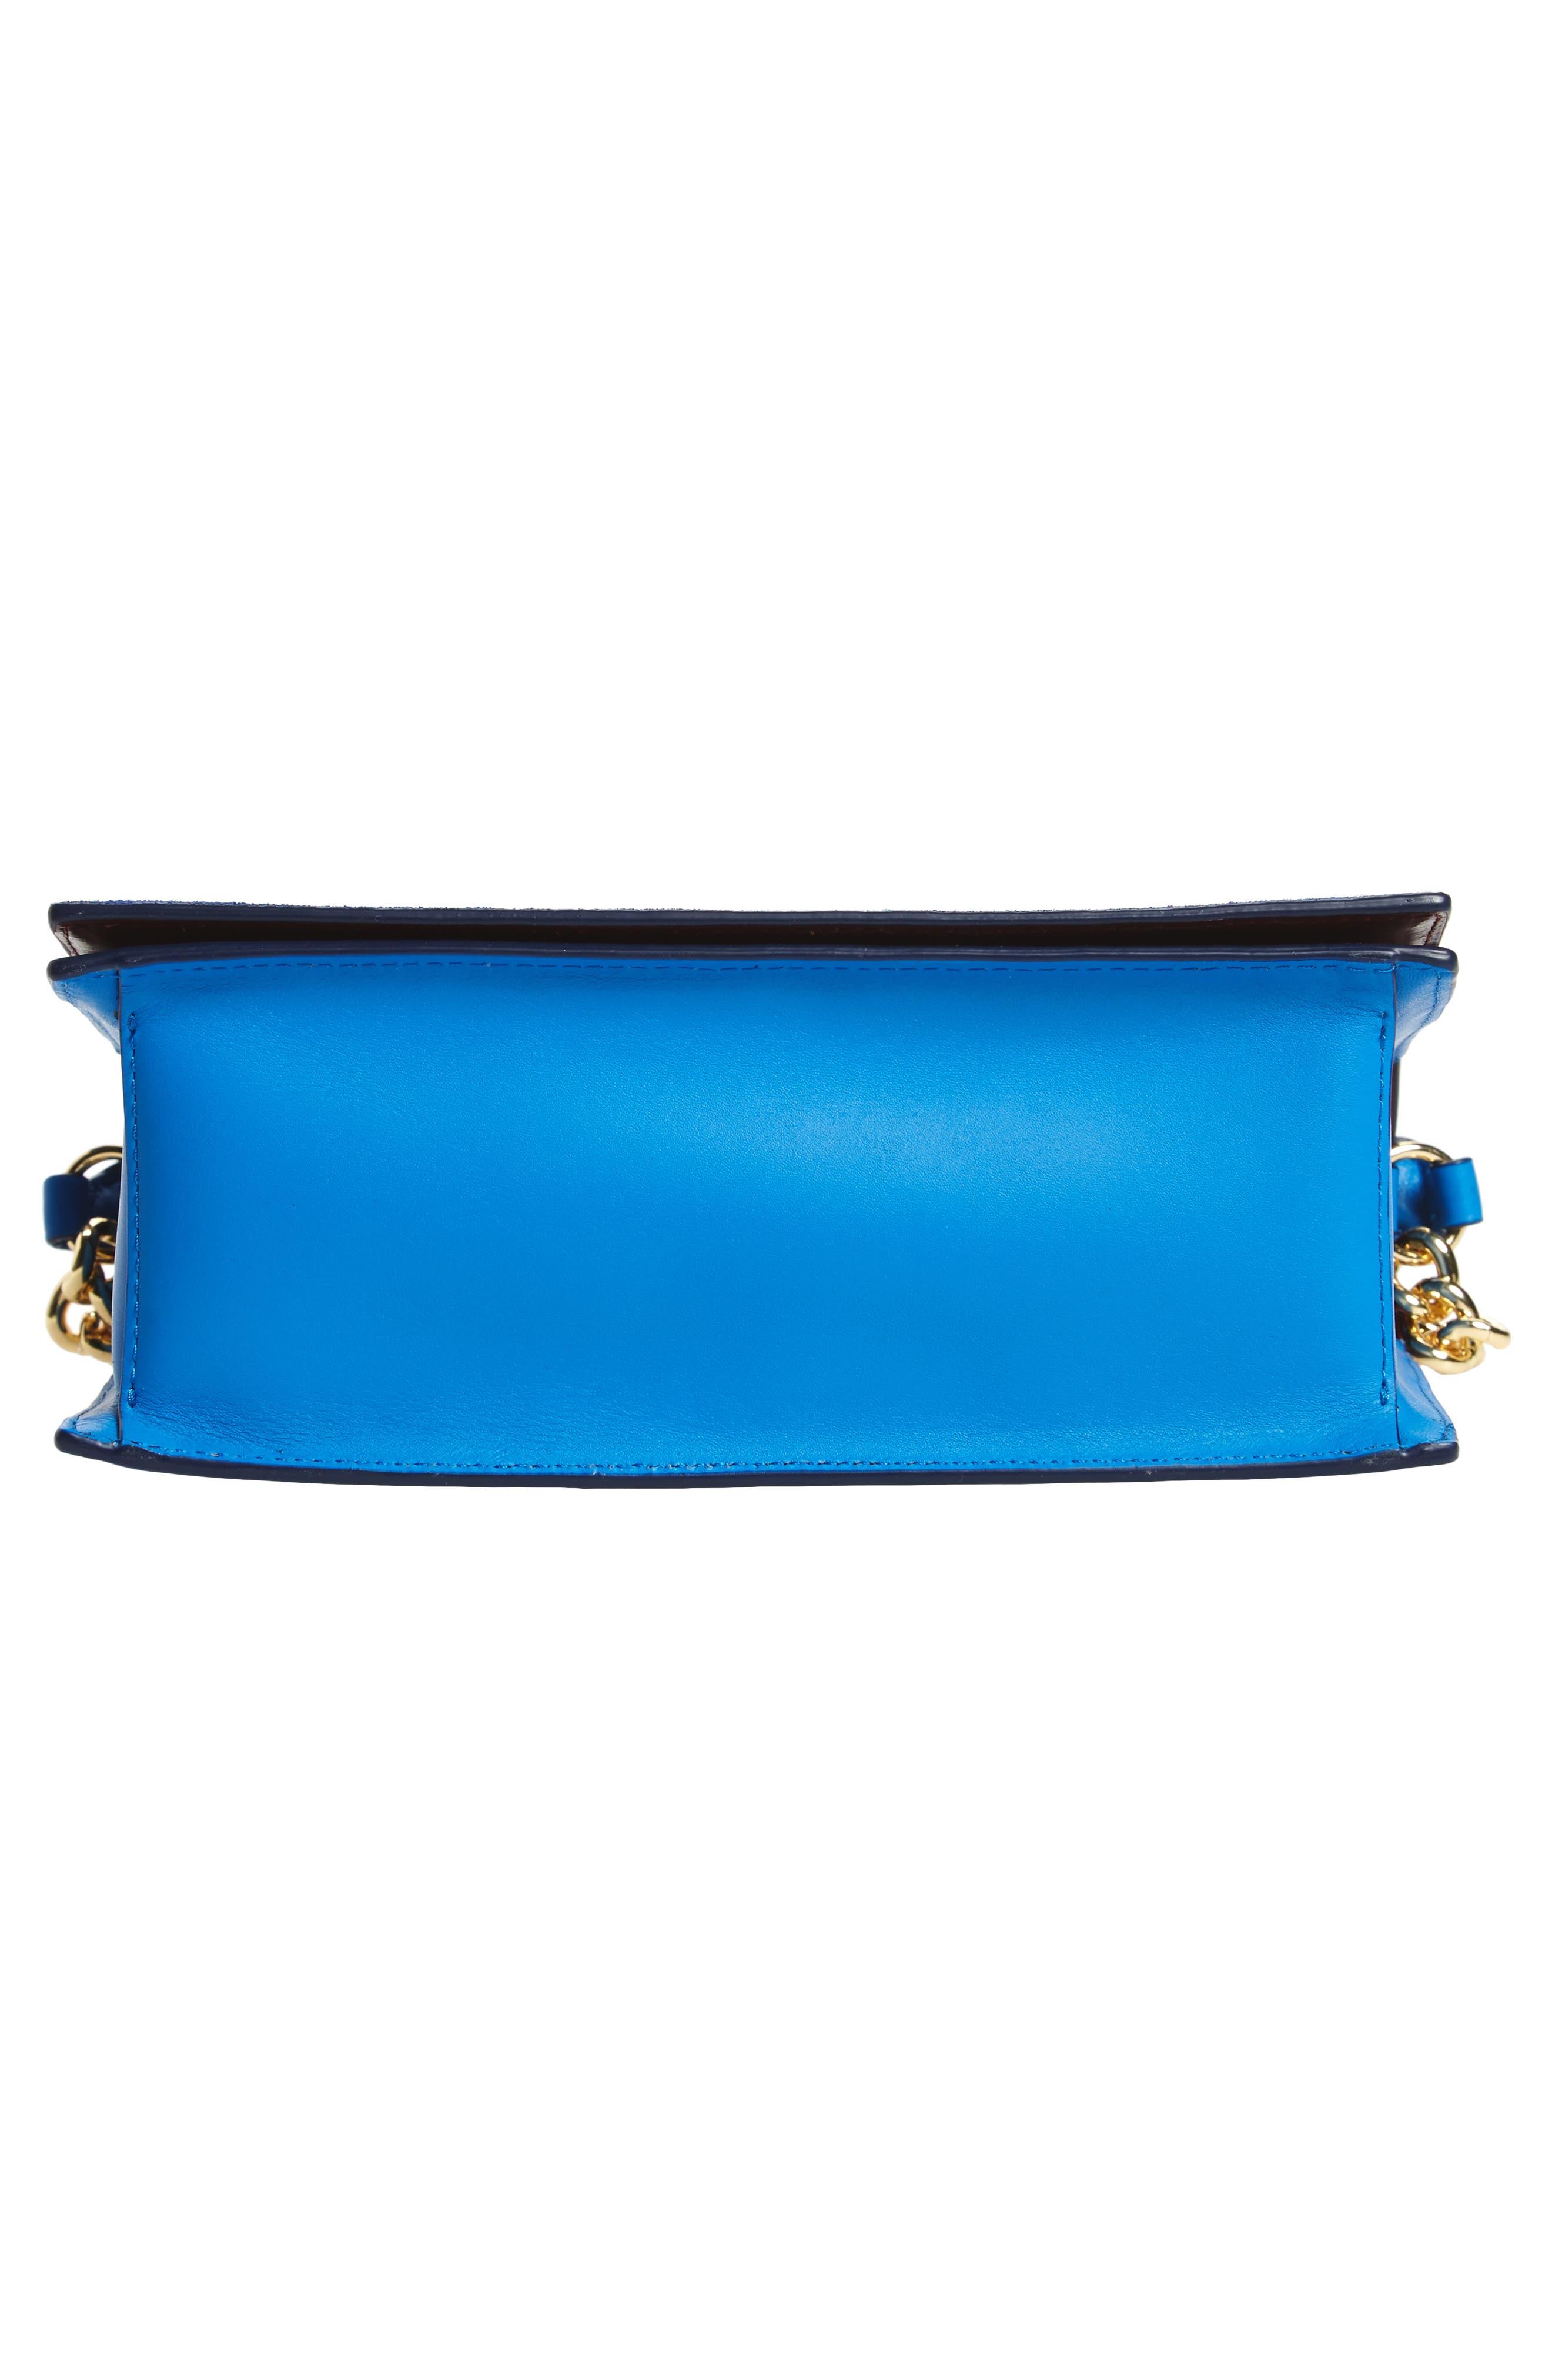 Bonne Soirée Leather & Suede Top Handle Bag,                             Alternate thumbnail 6, color,                             400